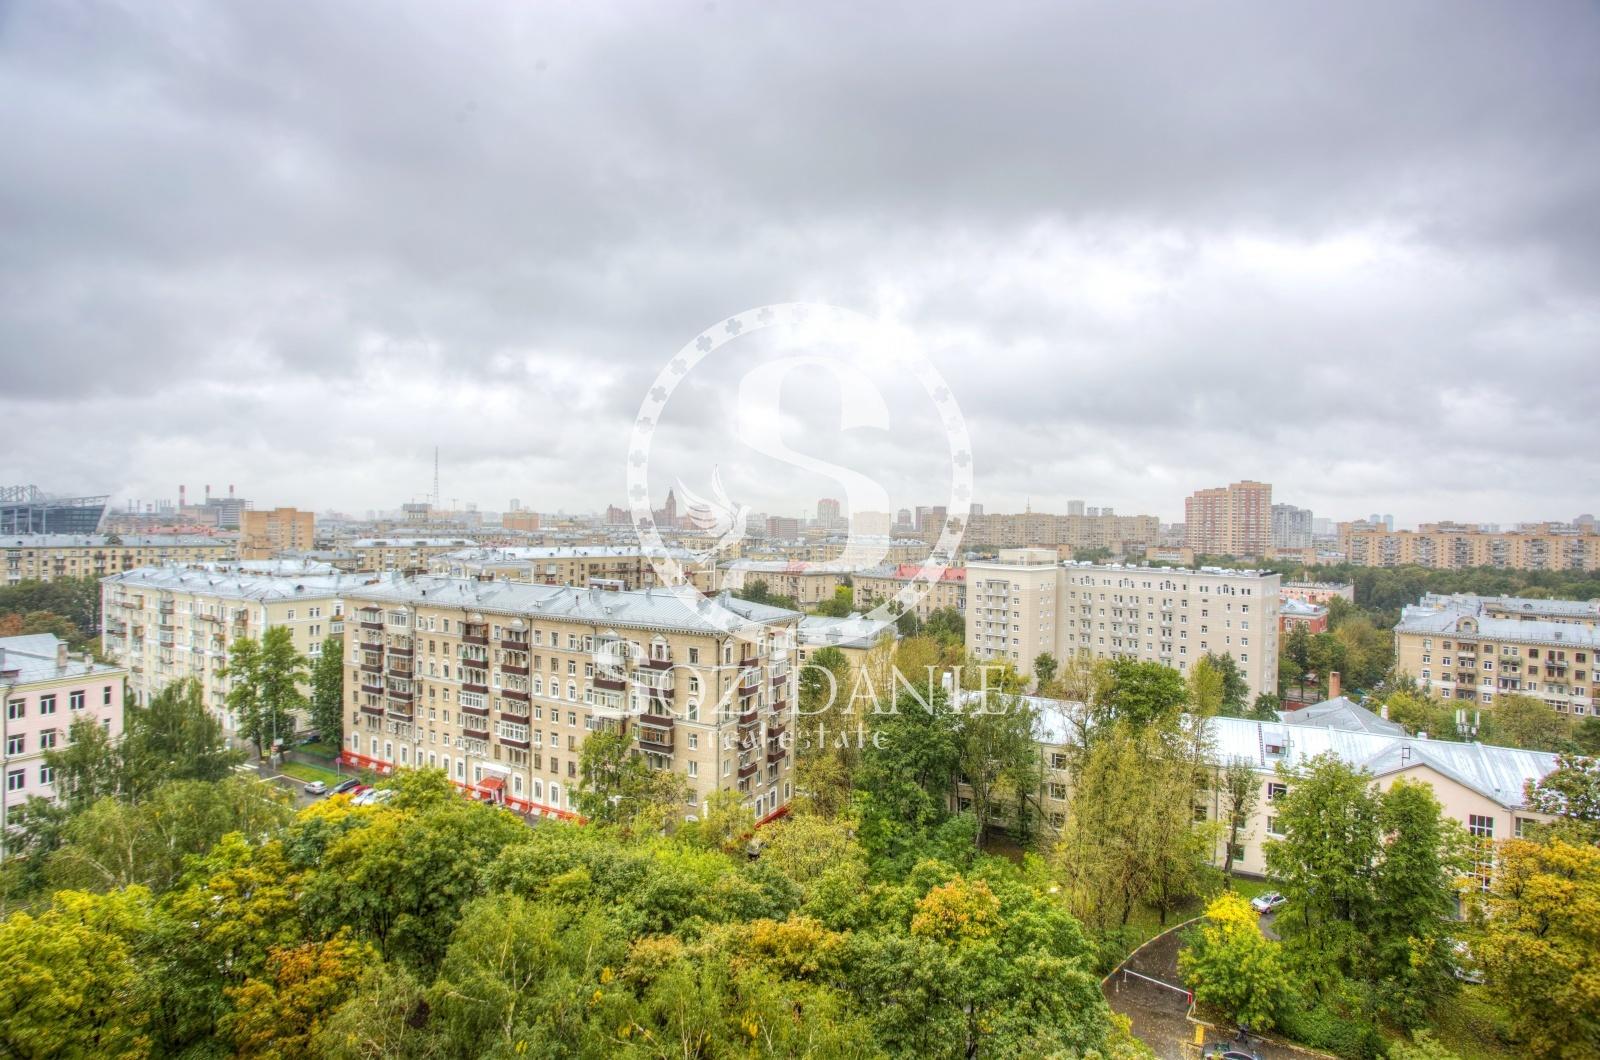 3 Комнаты, Городская, Продажа, Чапаевский переулок, Listing ID 2414, Москва, Россия,